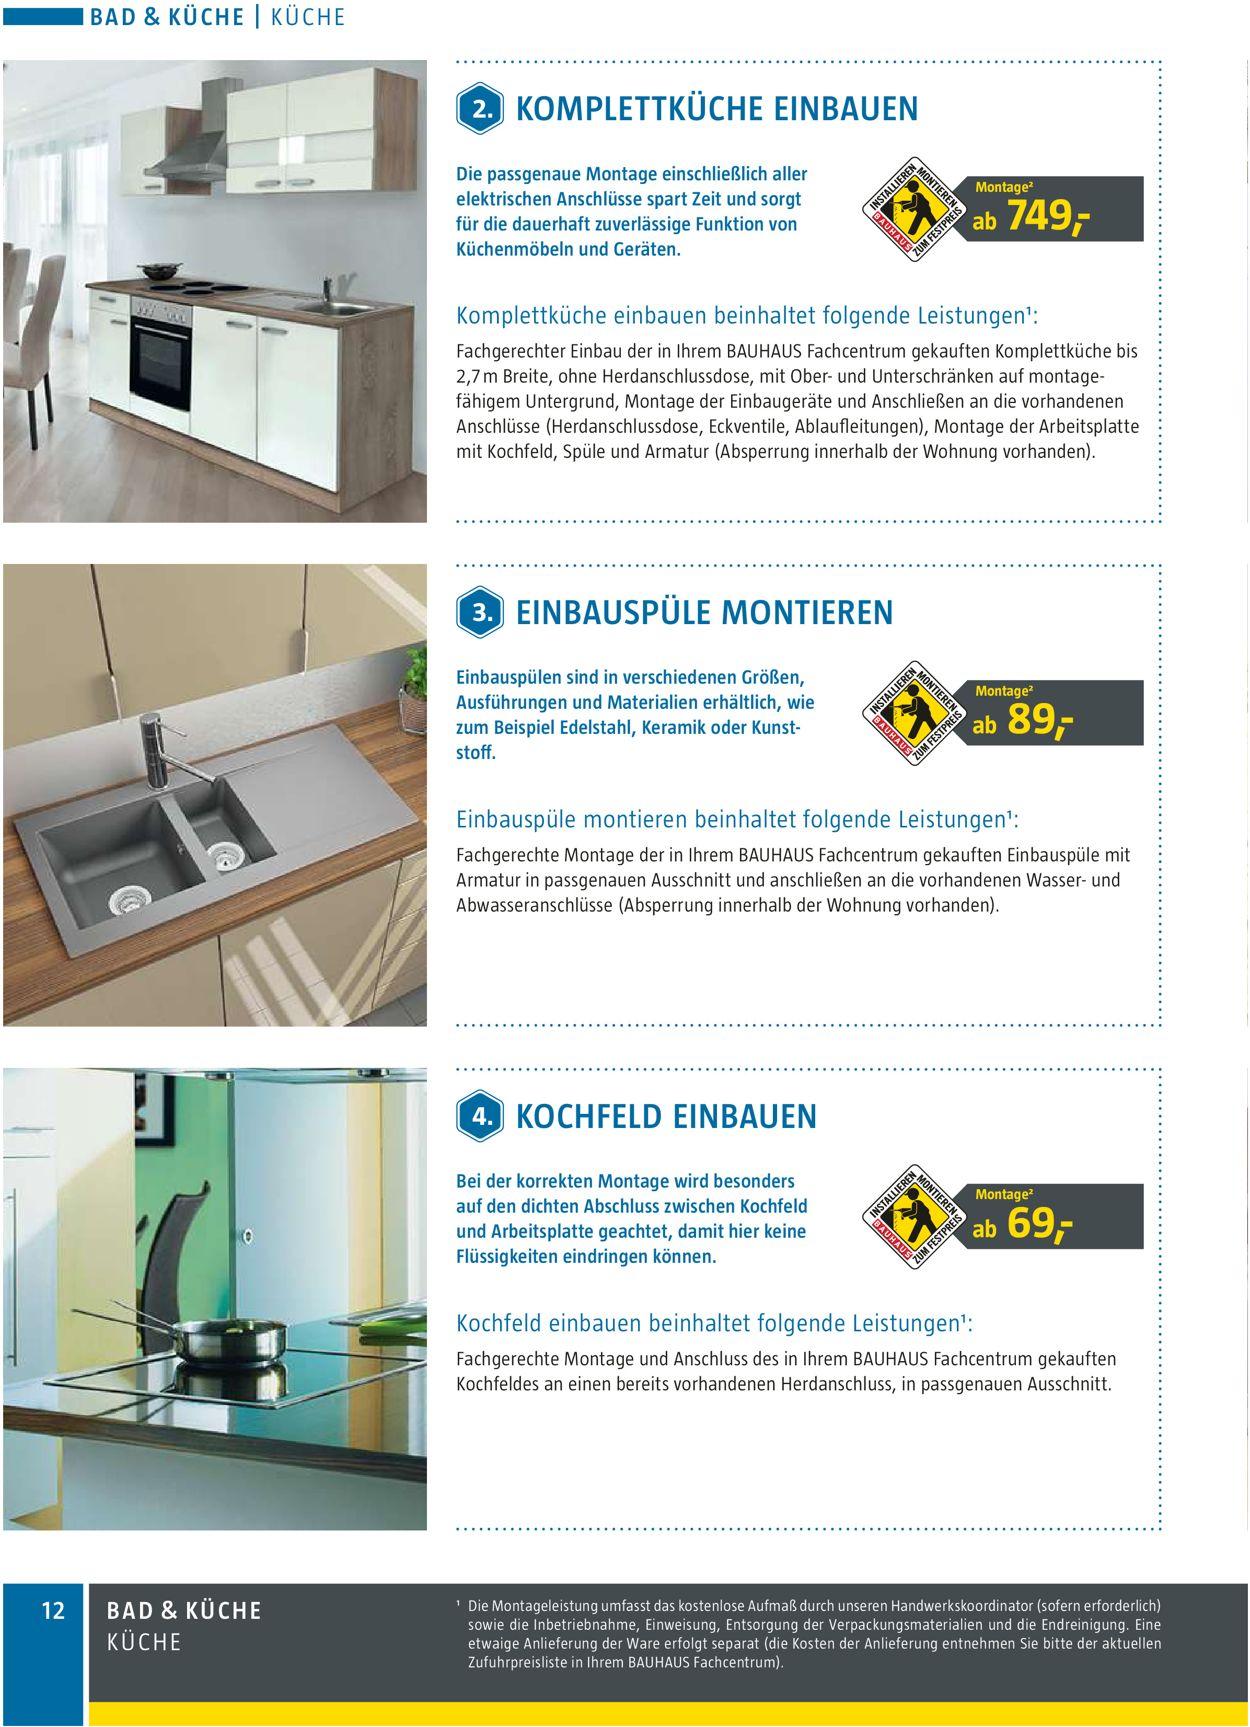 Bauhaus Aktueller Prospekt 01.07 - 01.12.2019 [12 ...